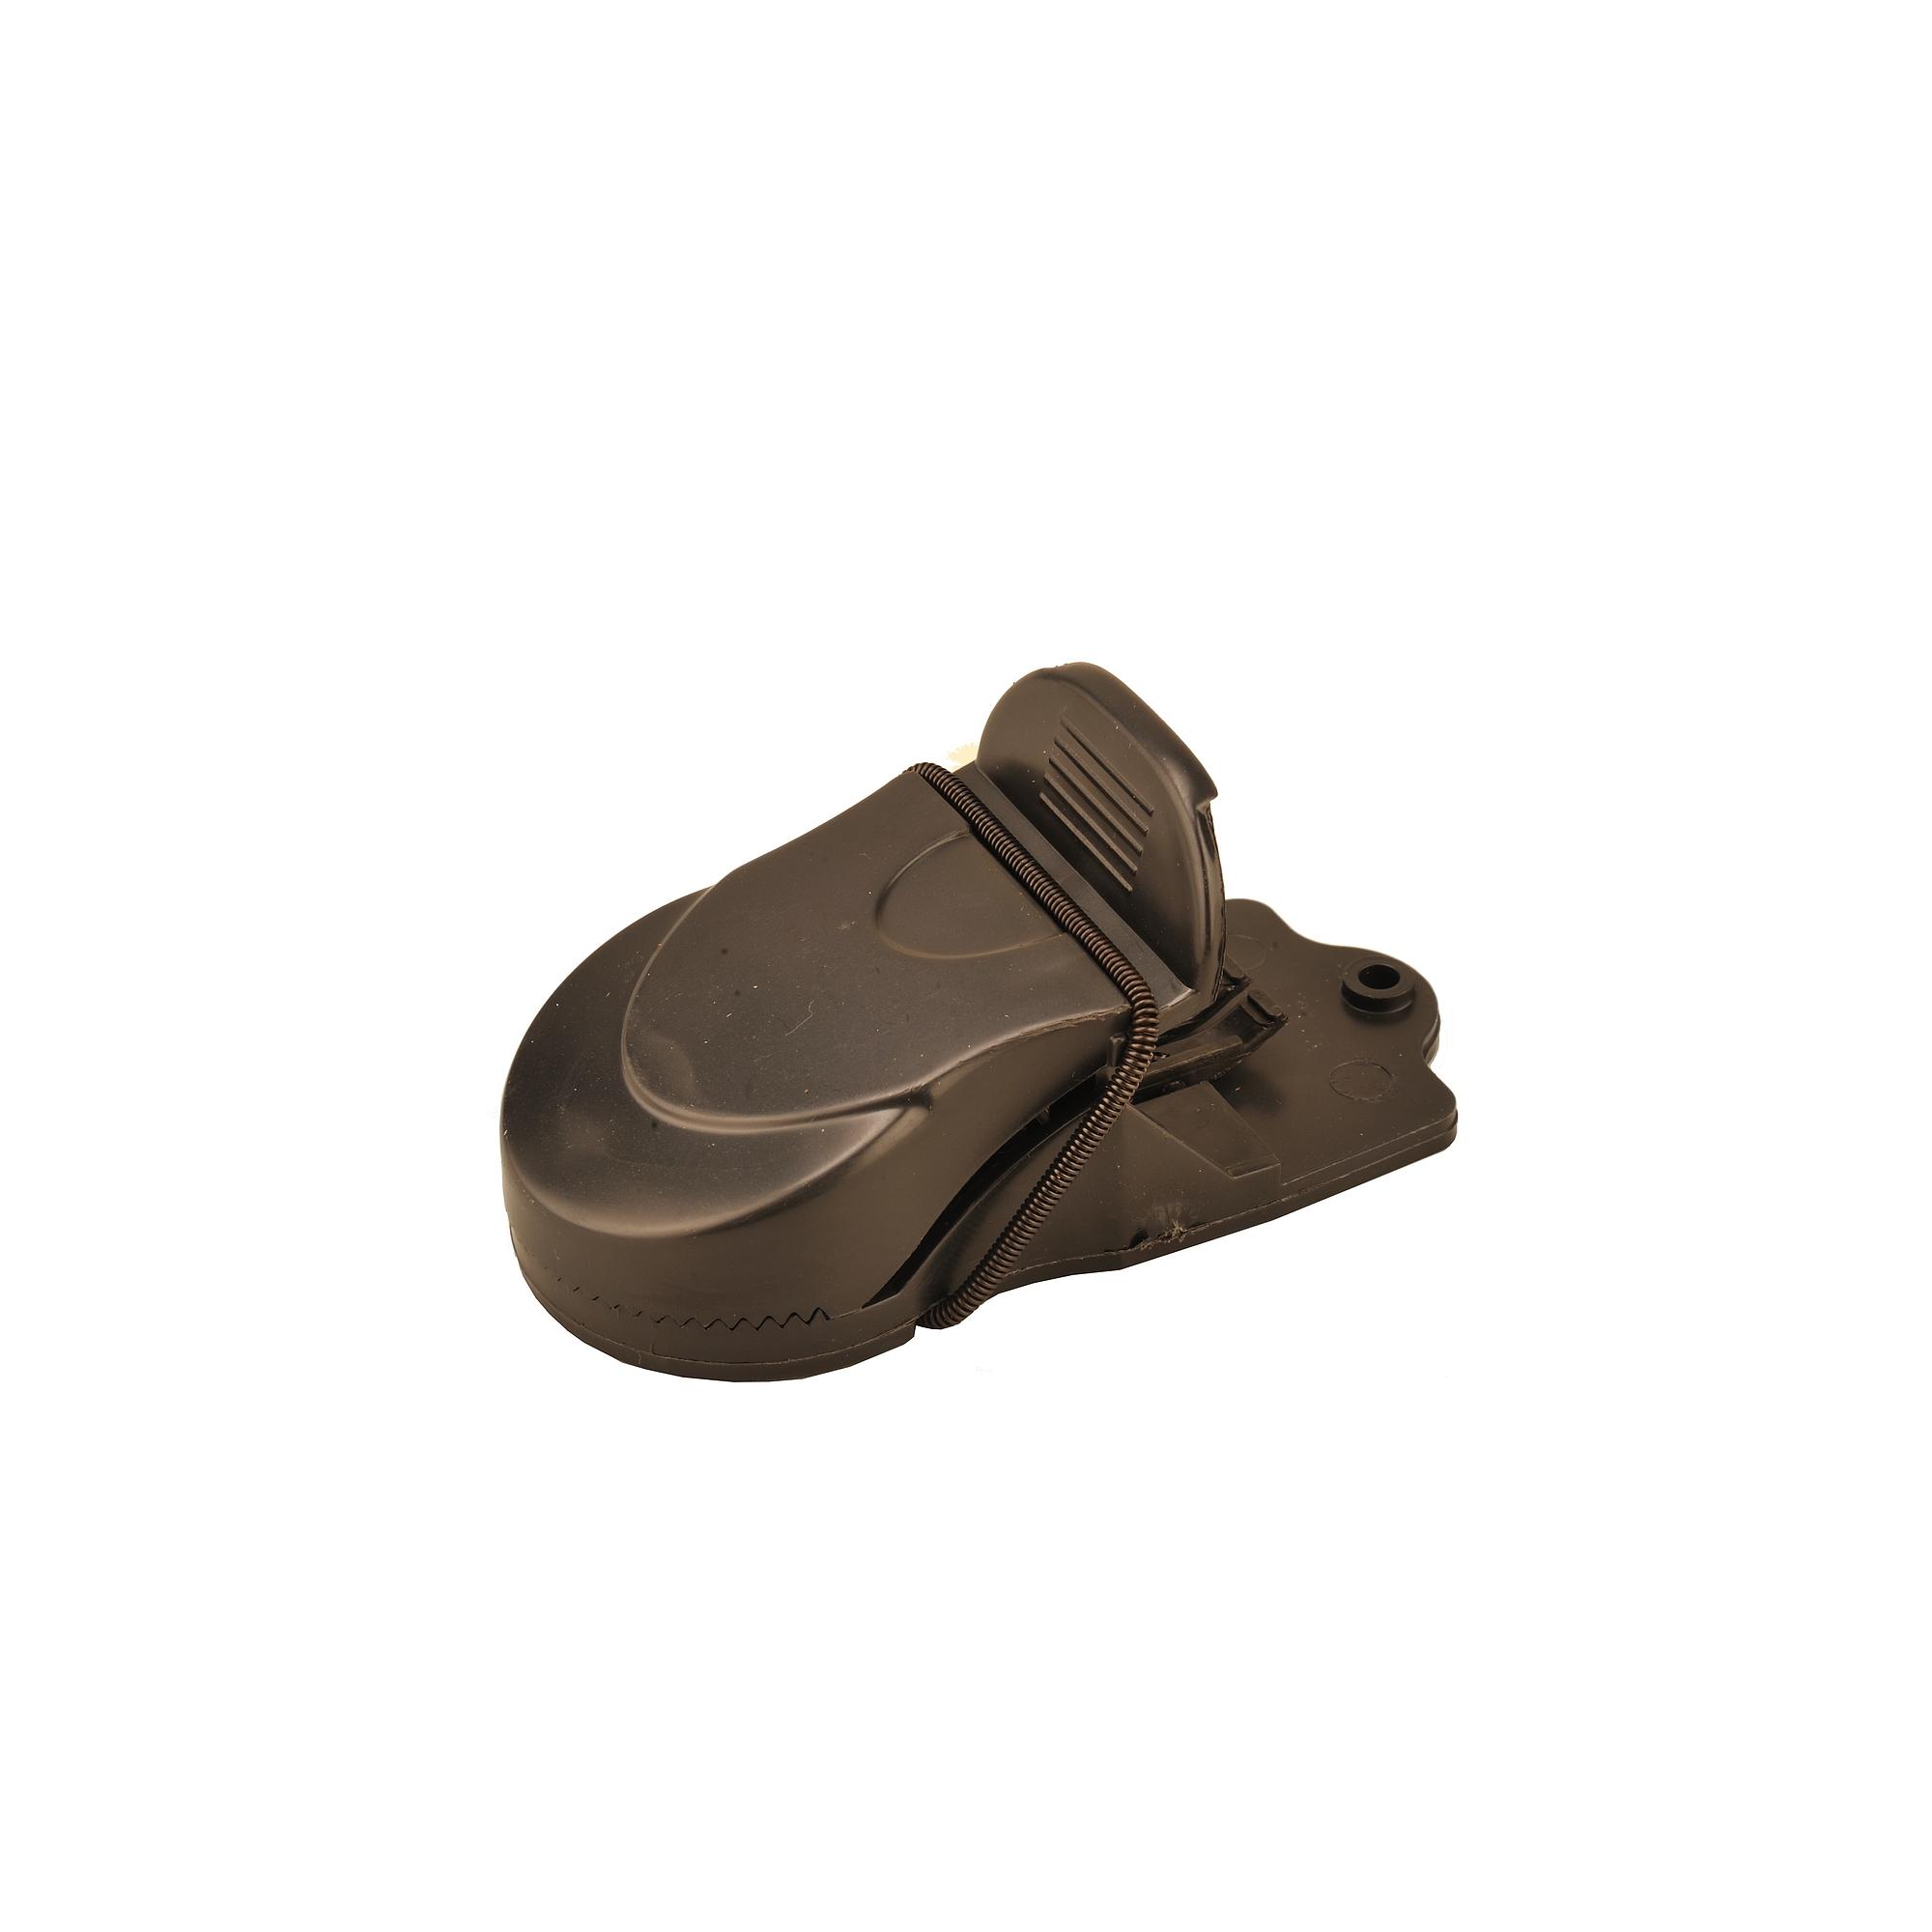 Egérfogó műanyag 10x4x5cm 1673023 (2db) 9767